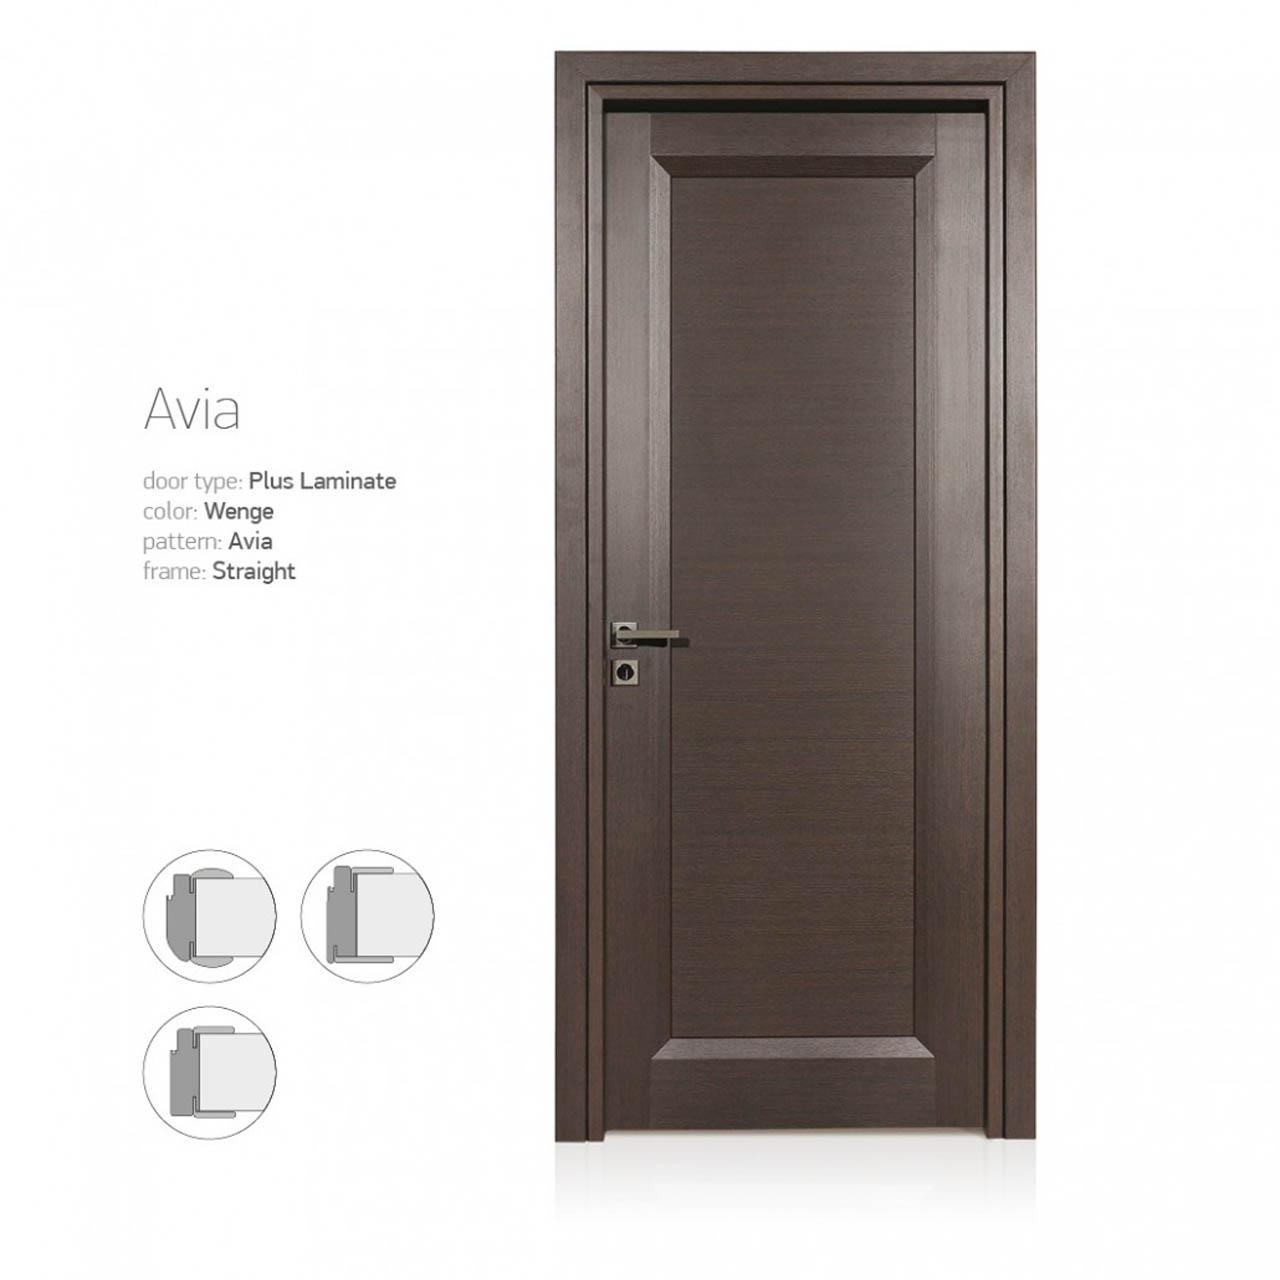 portes-site-plus_laminate-eng-1030x1030